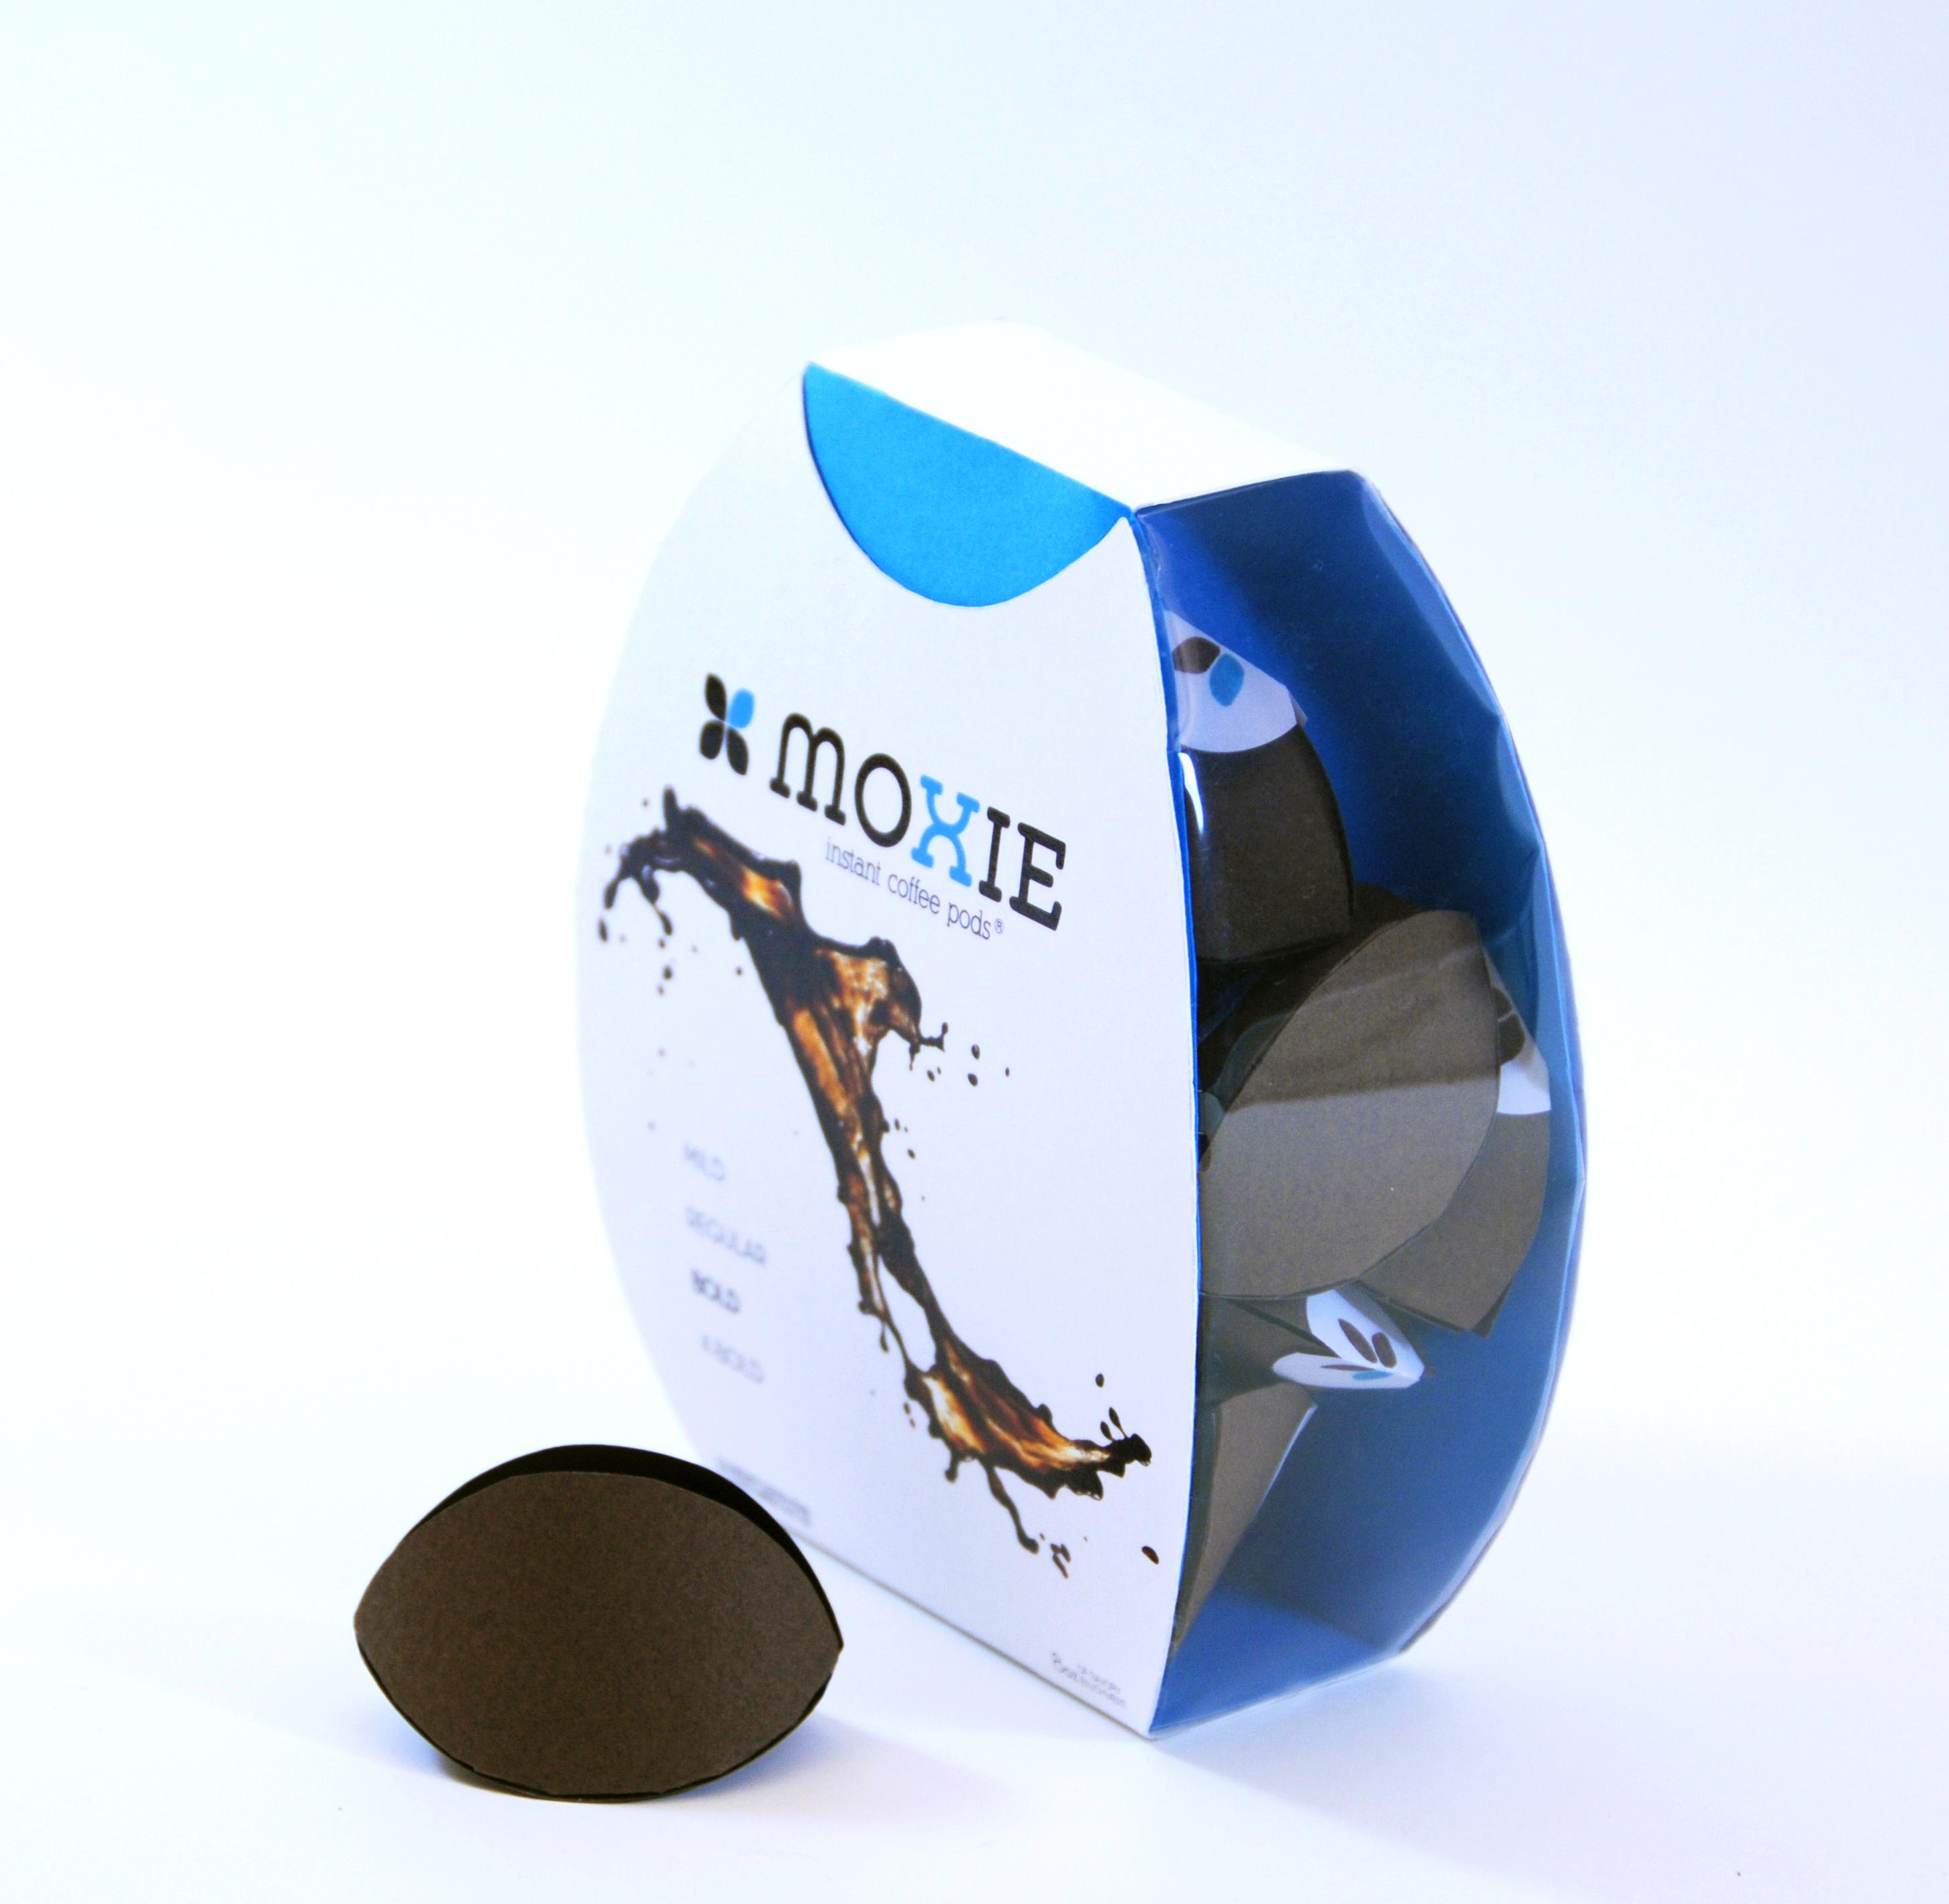 Moxie Coffee Packaging